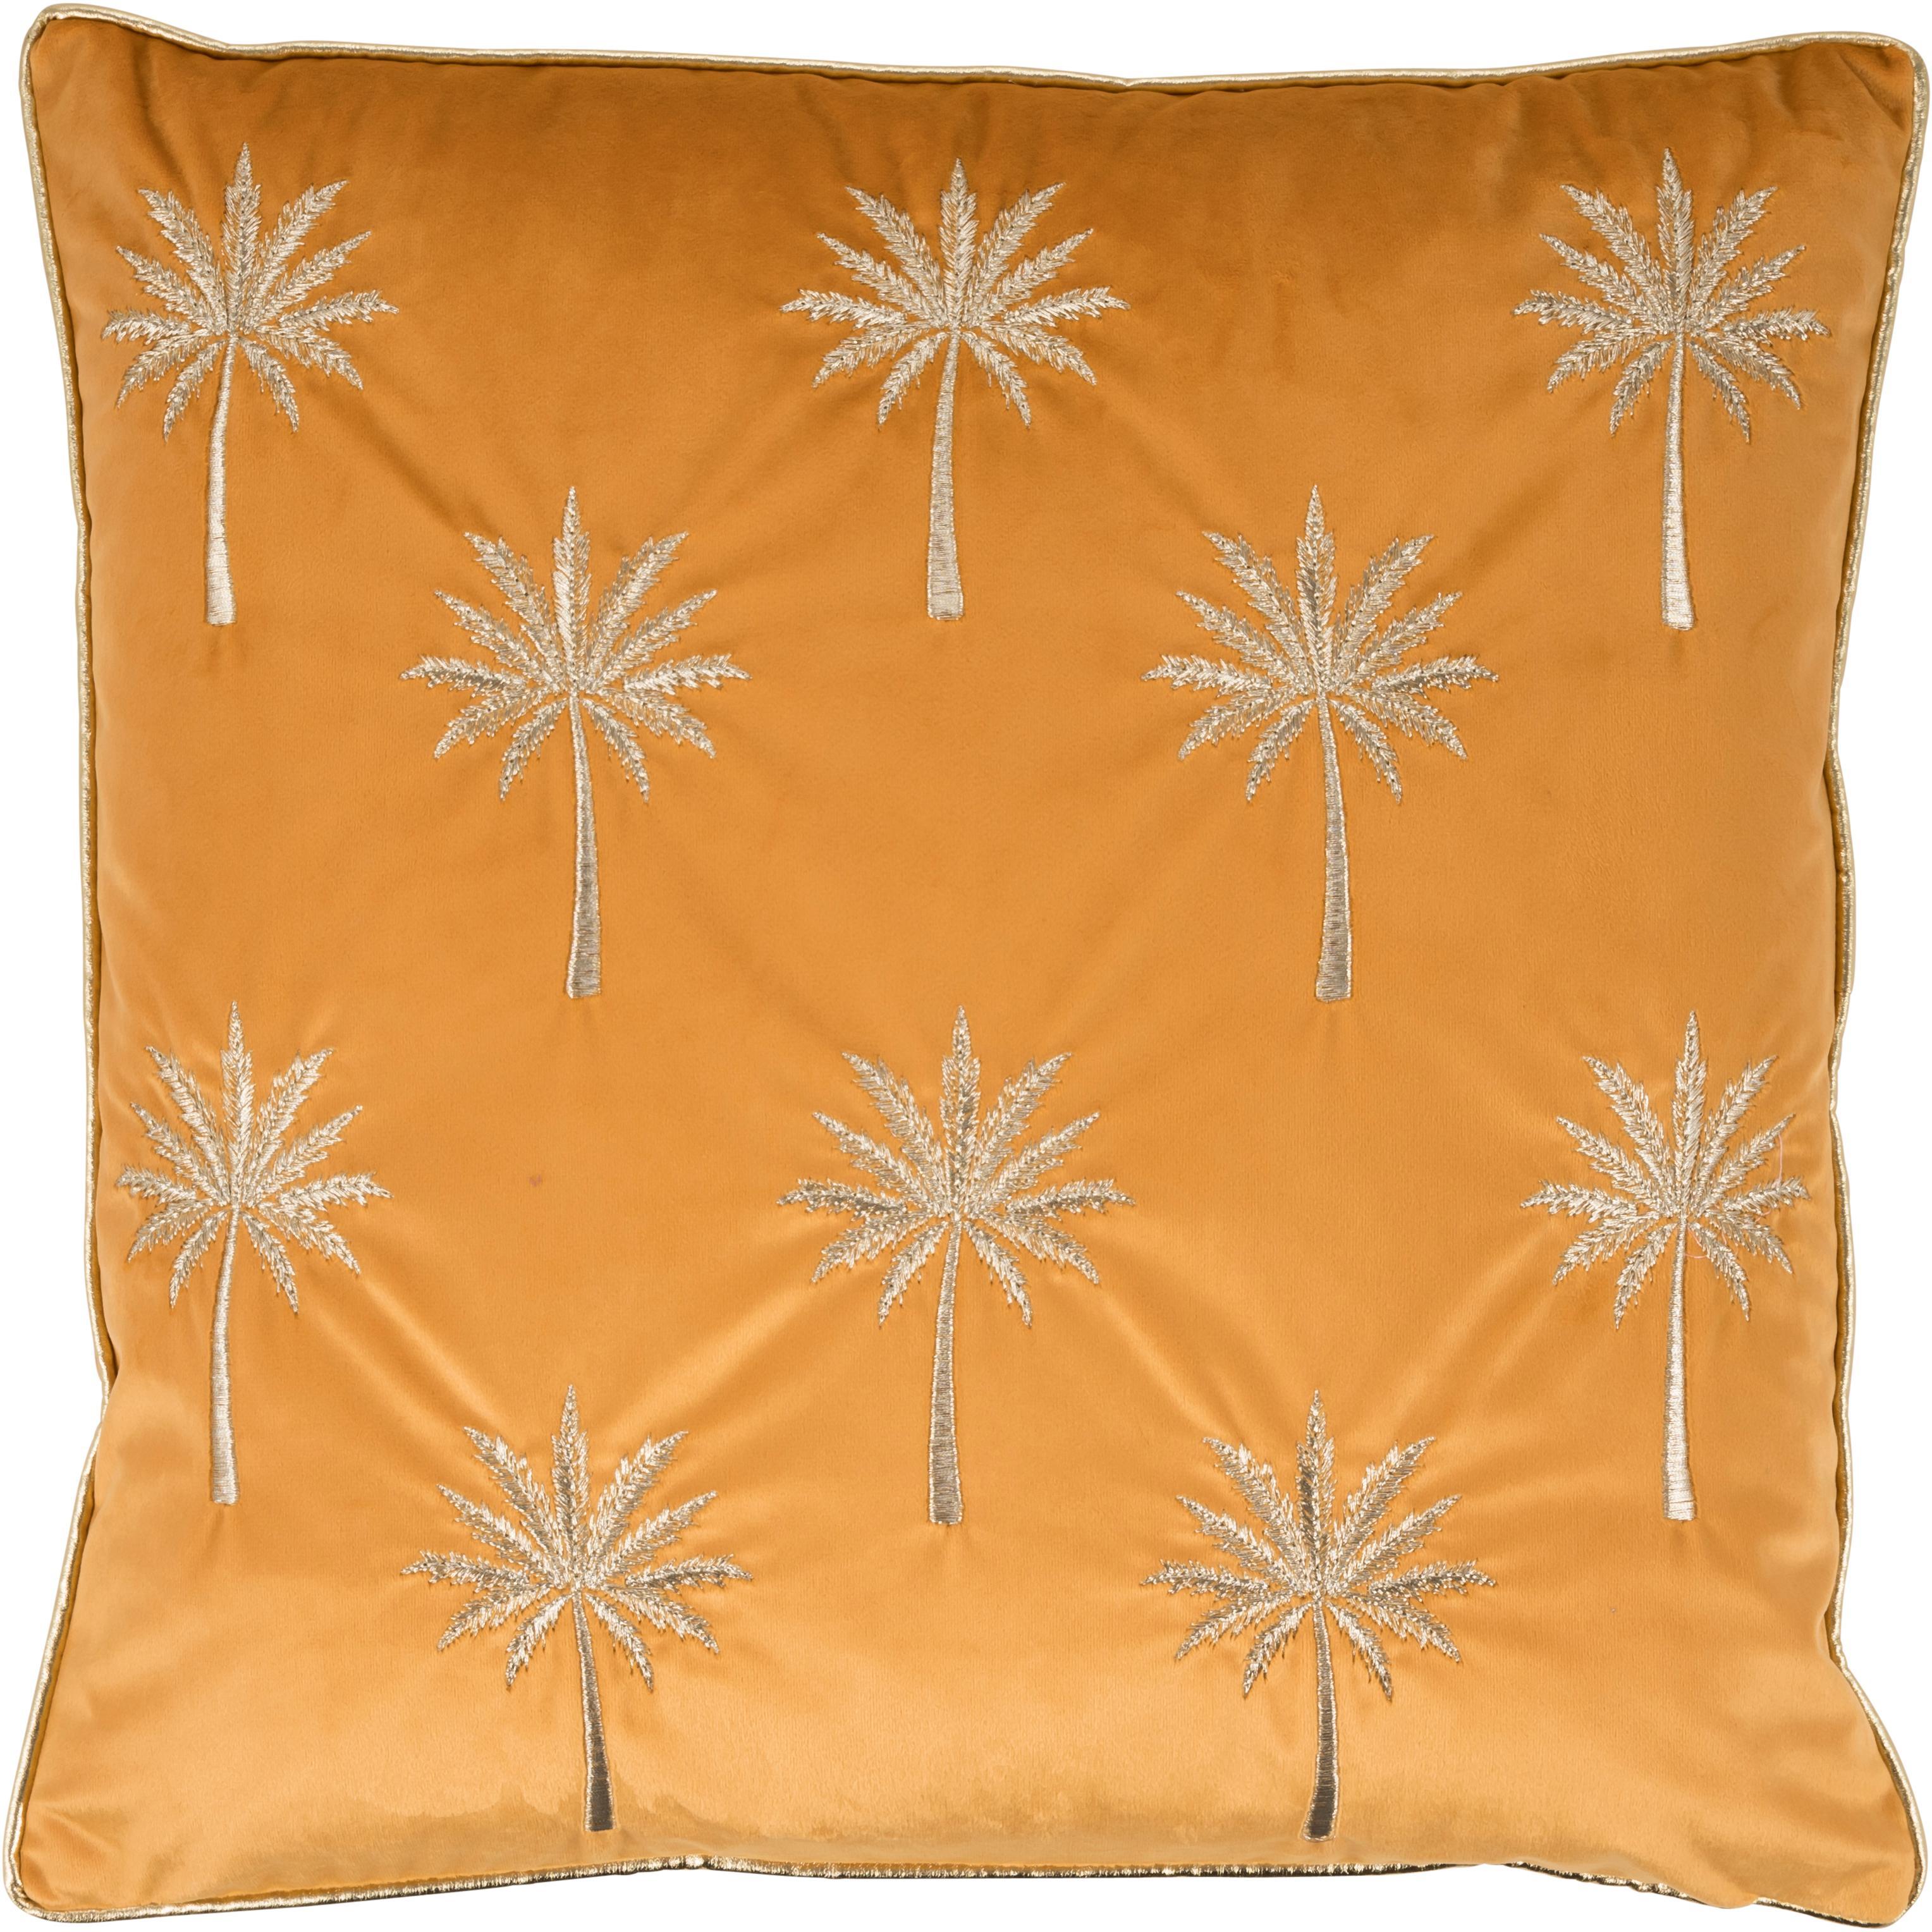 Federa arredo in velluto ricamata Palms, Poliestere, Giallo arancio, dorato, Larg. 45 x Lung. 45 cm